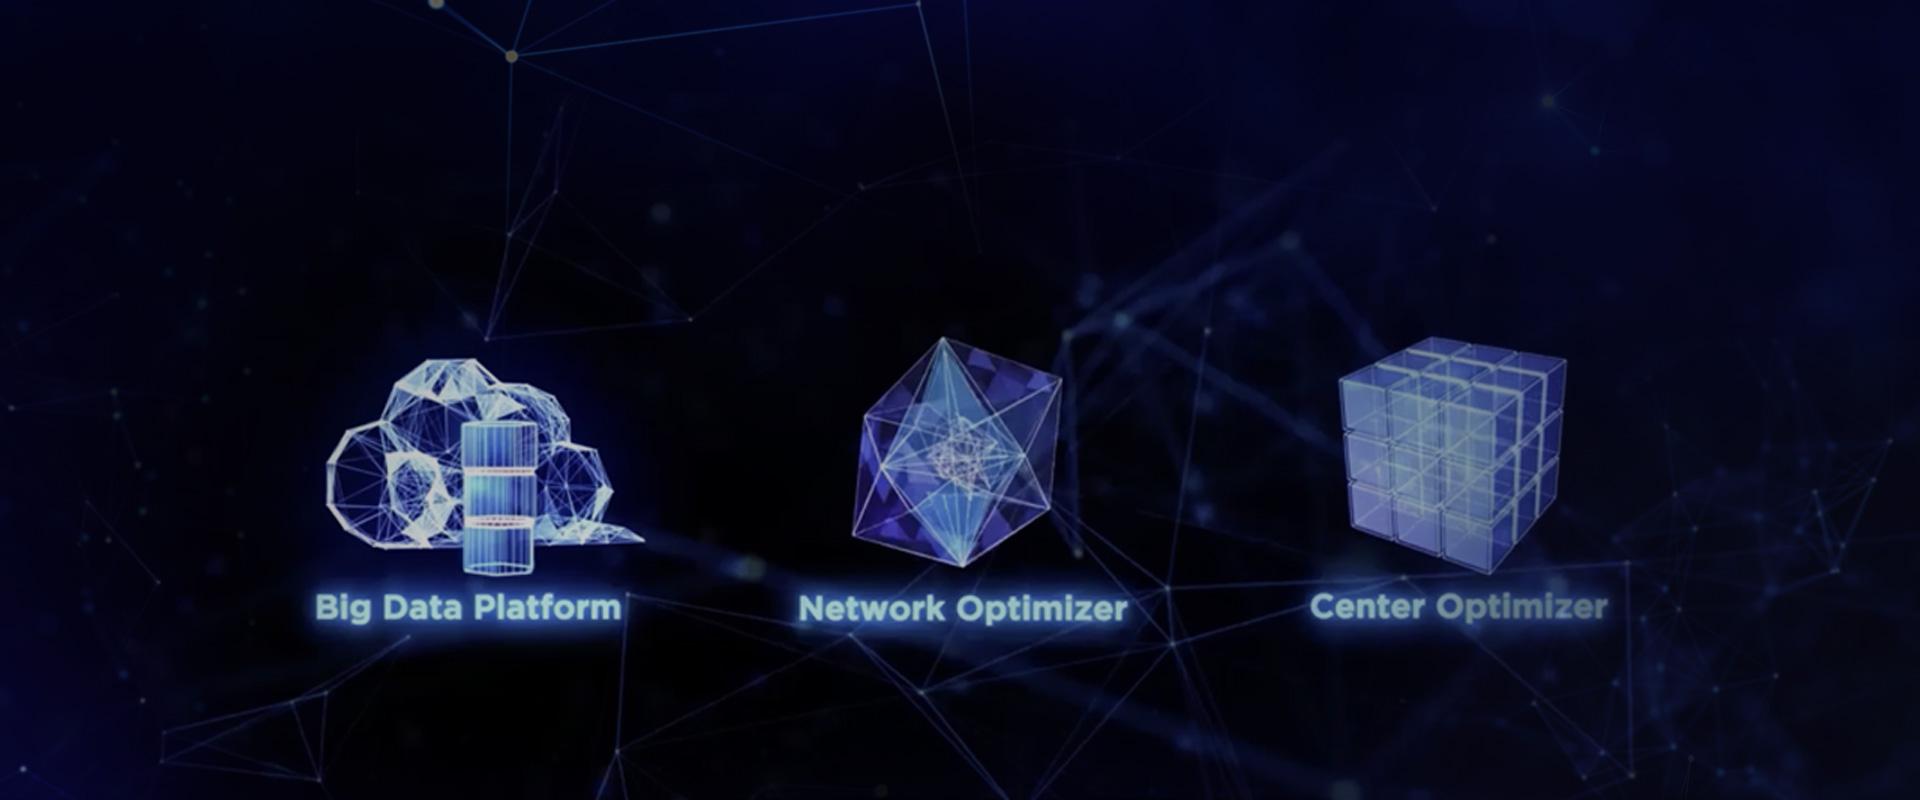 Big Data Platform, Network Optimizer, Center Optimizer